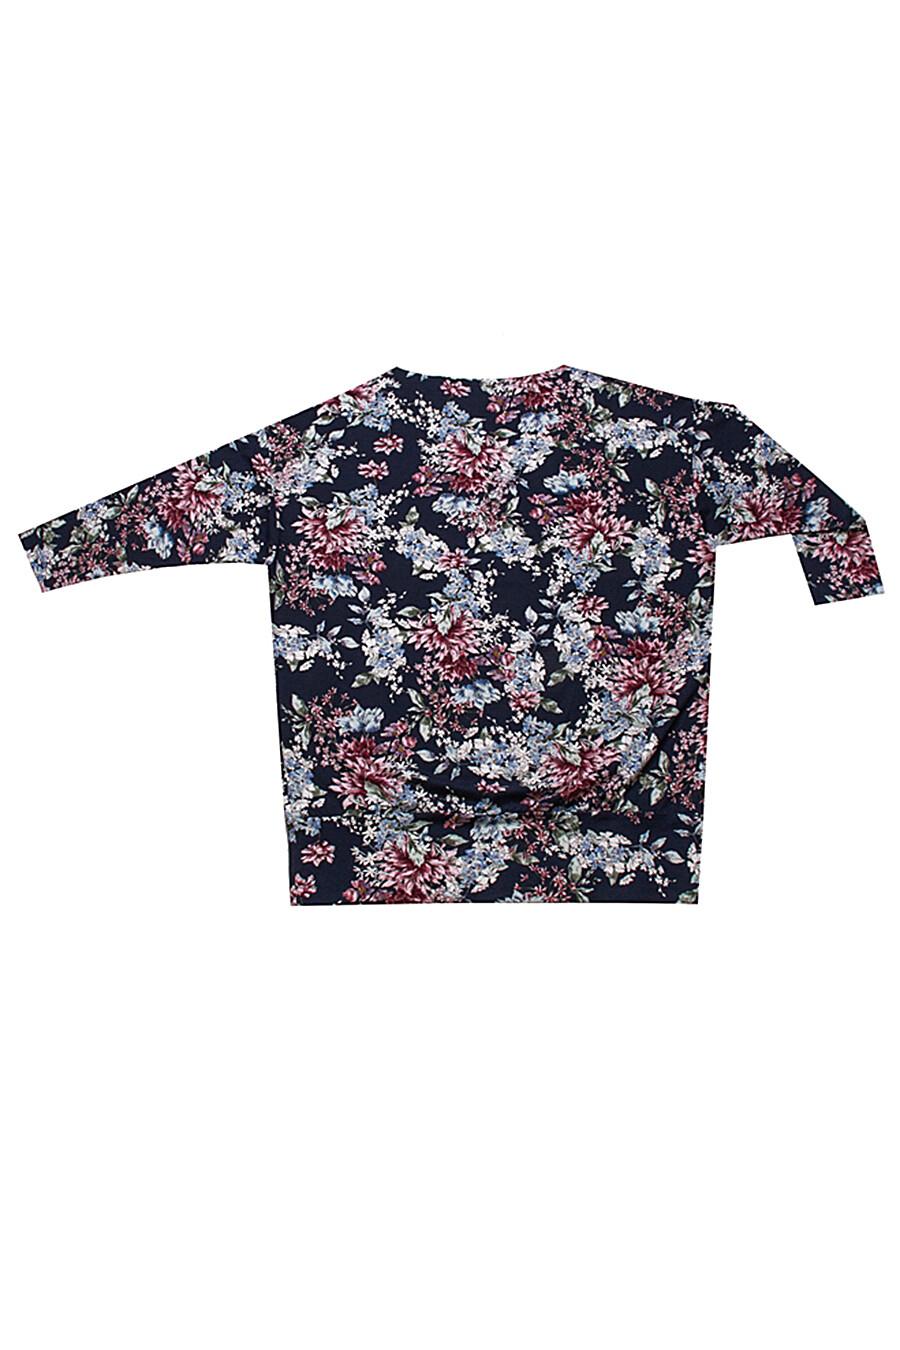 Джемпер для женщин Archi 131477 купить оптом от производителя. Совместная покупка женской одежды в OptMoyo